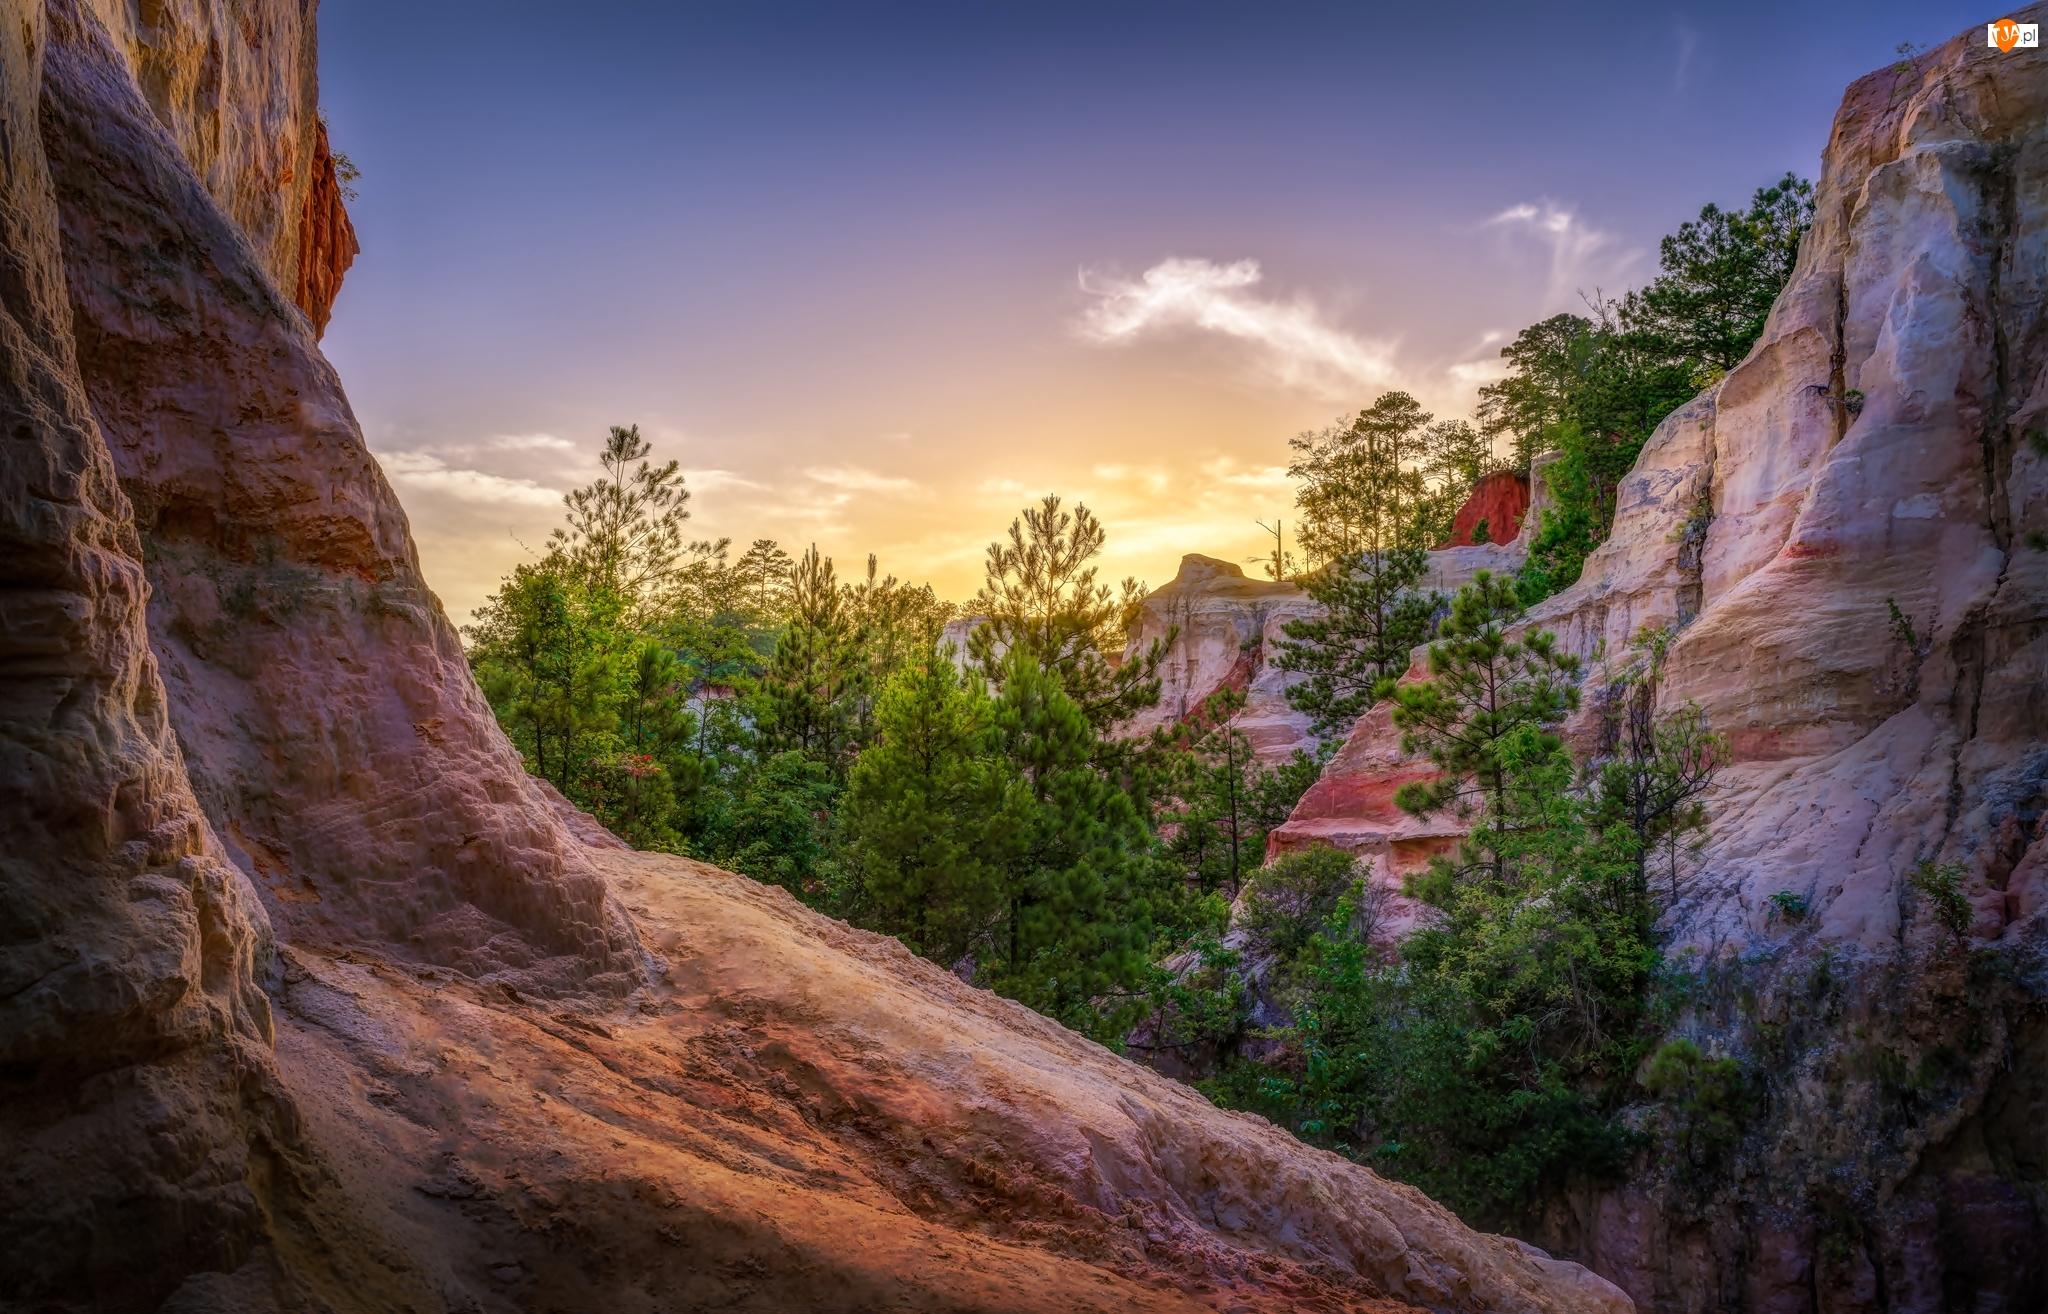 Park stanowy Providence Canyon, Skały, Stany Zjednoczone, Drzewa, Stan Georgia, Góry